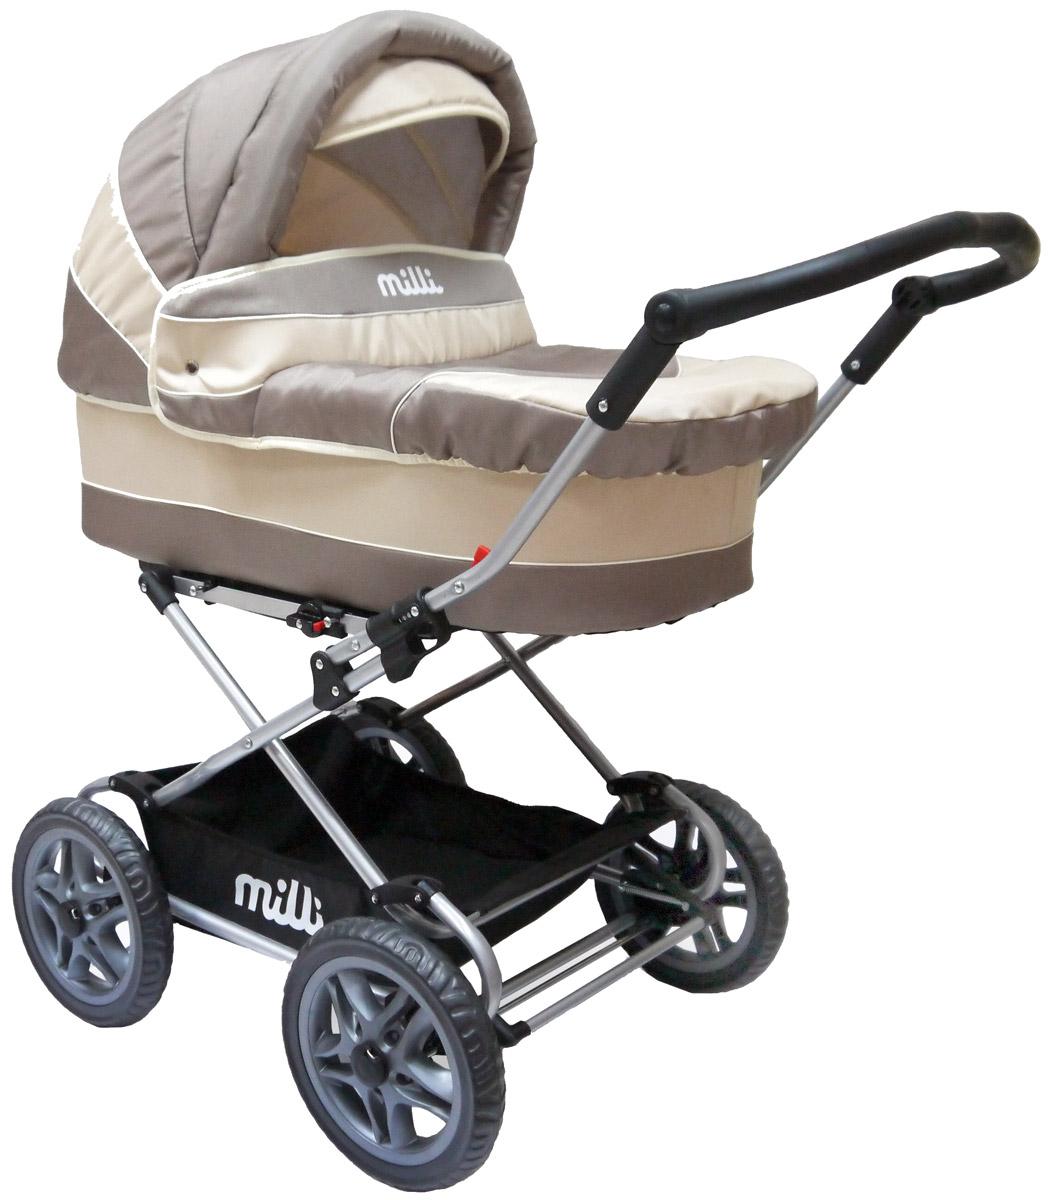 Milli Коляска-люлька JENIS цвет beige500124Классическая коляска люлька milli Jenis превратит любую прогулку с малышом в удовольствие! Это традиционная коляска для новорожденного, обеспечивающая превосходный комфорт. Имеет утепленную корзину, надежно защищающую малыша от непогоды. Большие легкие пластмассовые колеса обеспечат наибольшую проходимость коляски даже в непогоду, и маме не придется прилагать усилия, чтобы проехать по бездорожью. В тоже время мягкая система амортизации защитит малыша от тряски. с функцией качания, съемный внутренний чехол из хлопка, регулируемый по высоте капор, корзина для покупок, большие колеса Характеристики: Вес коляски: 13,1 кг Размеры (Д/Ш/В): 118x58x114 см Размеры в сложенном виде, рама (Д/Ш/В): 74х58х25 см Люлька: (Д/Ш/В): 79х34х23 см. Диаметр колес: 31 см (12,5 дюймов).